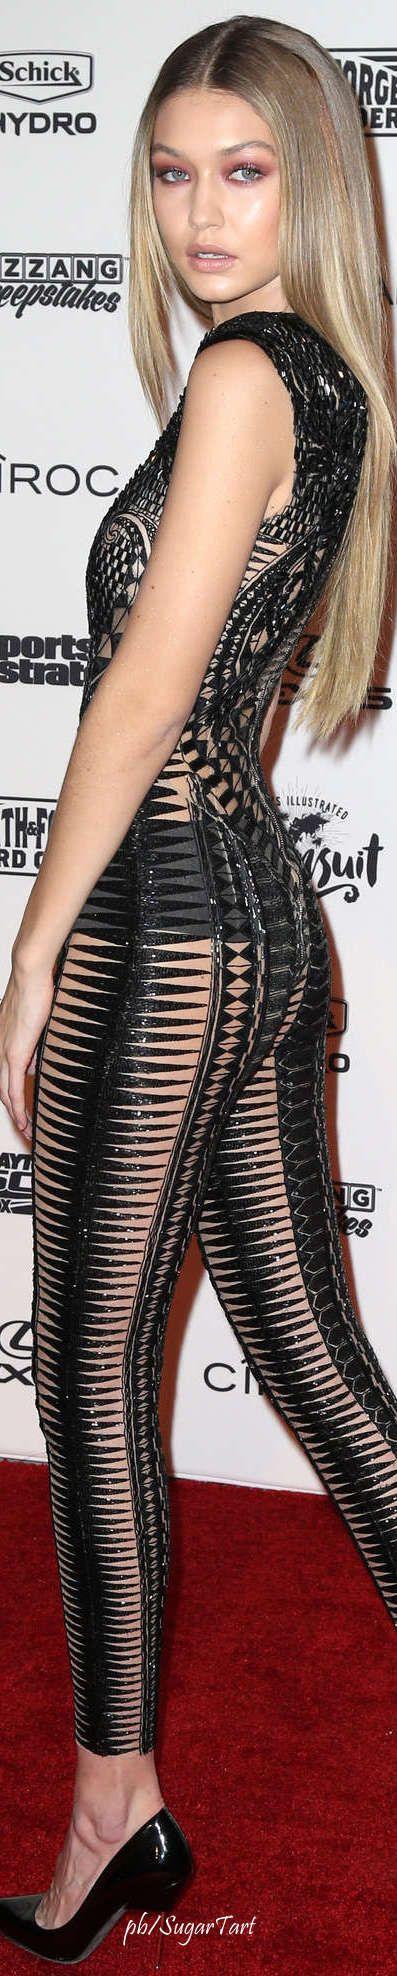 Gigi Hadid - Sport Illustrated                                                                                                                                                                                 More